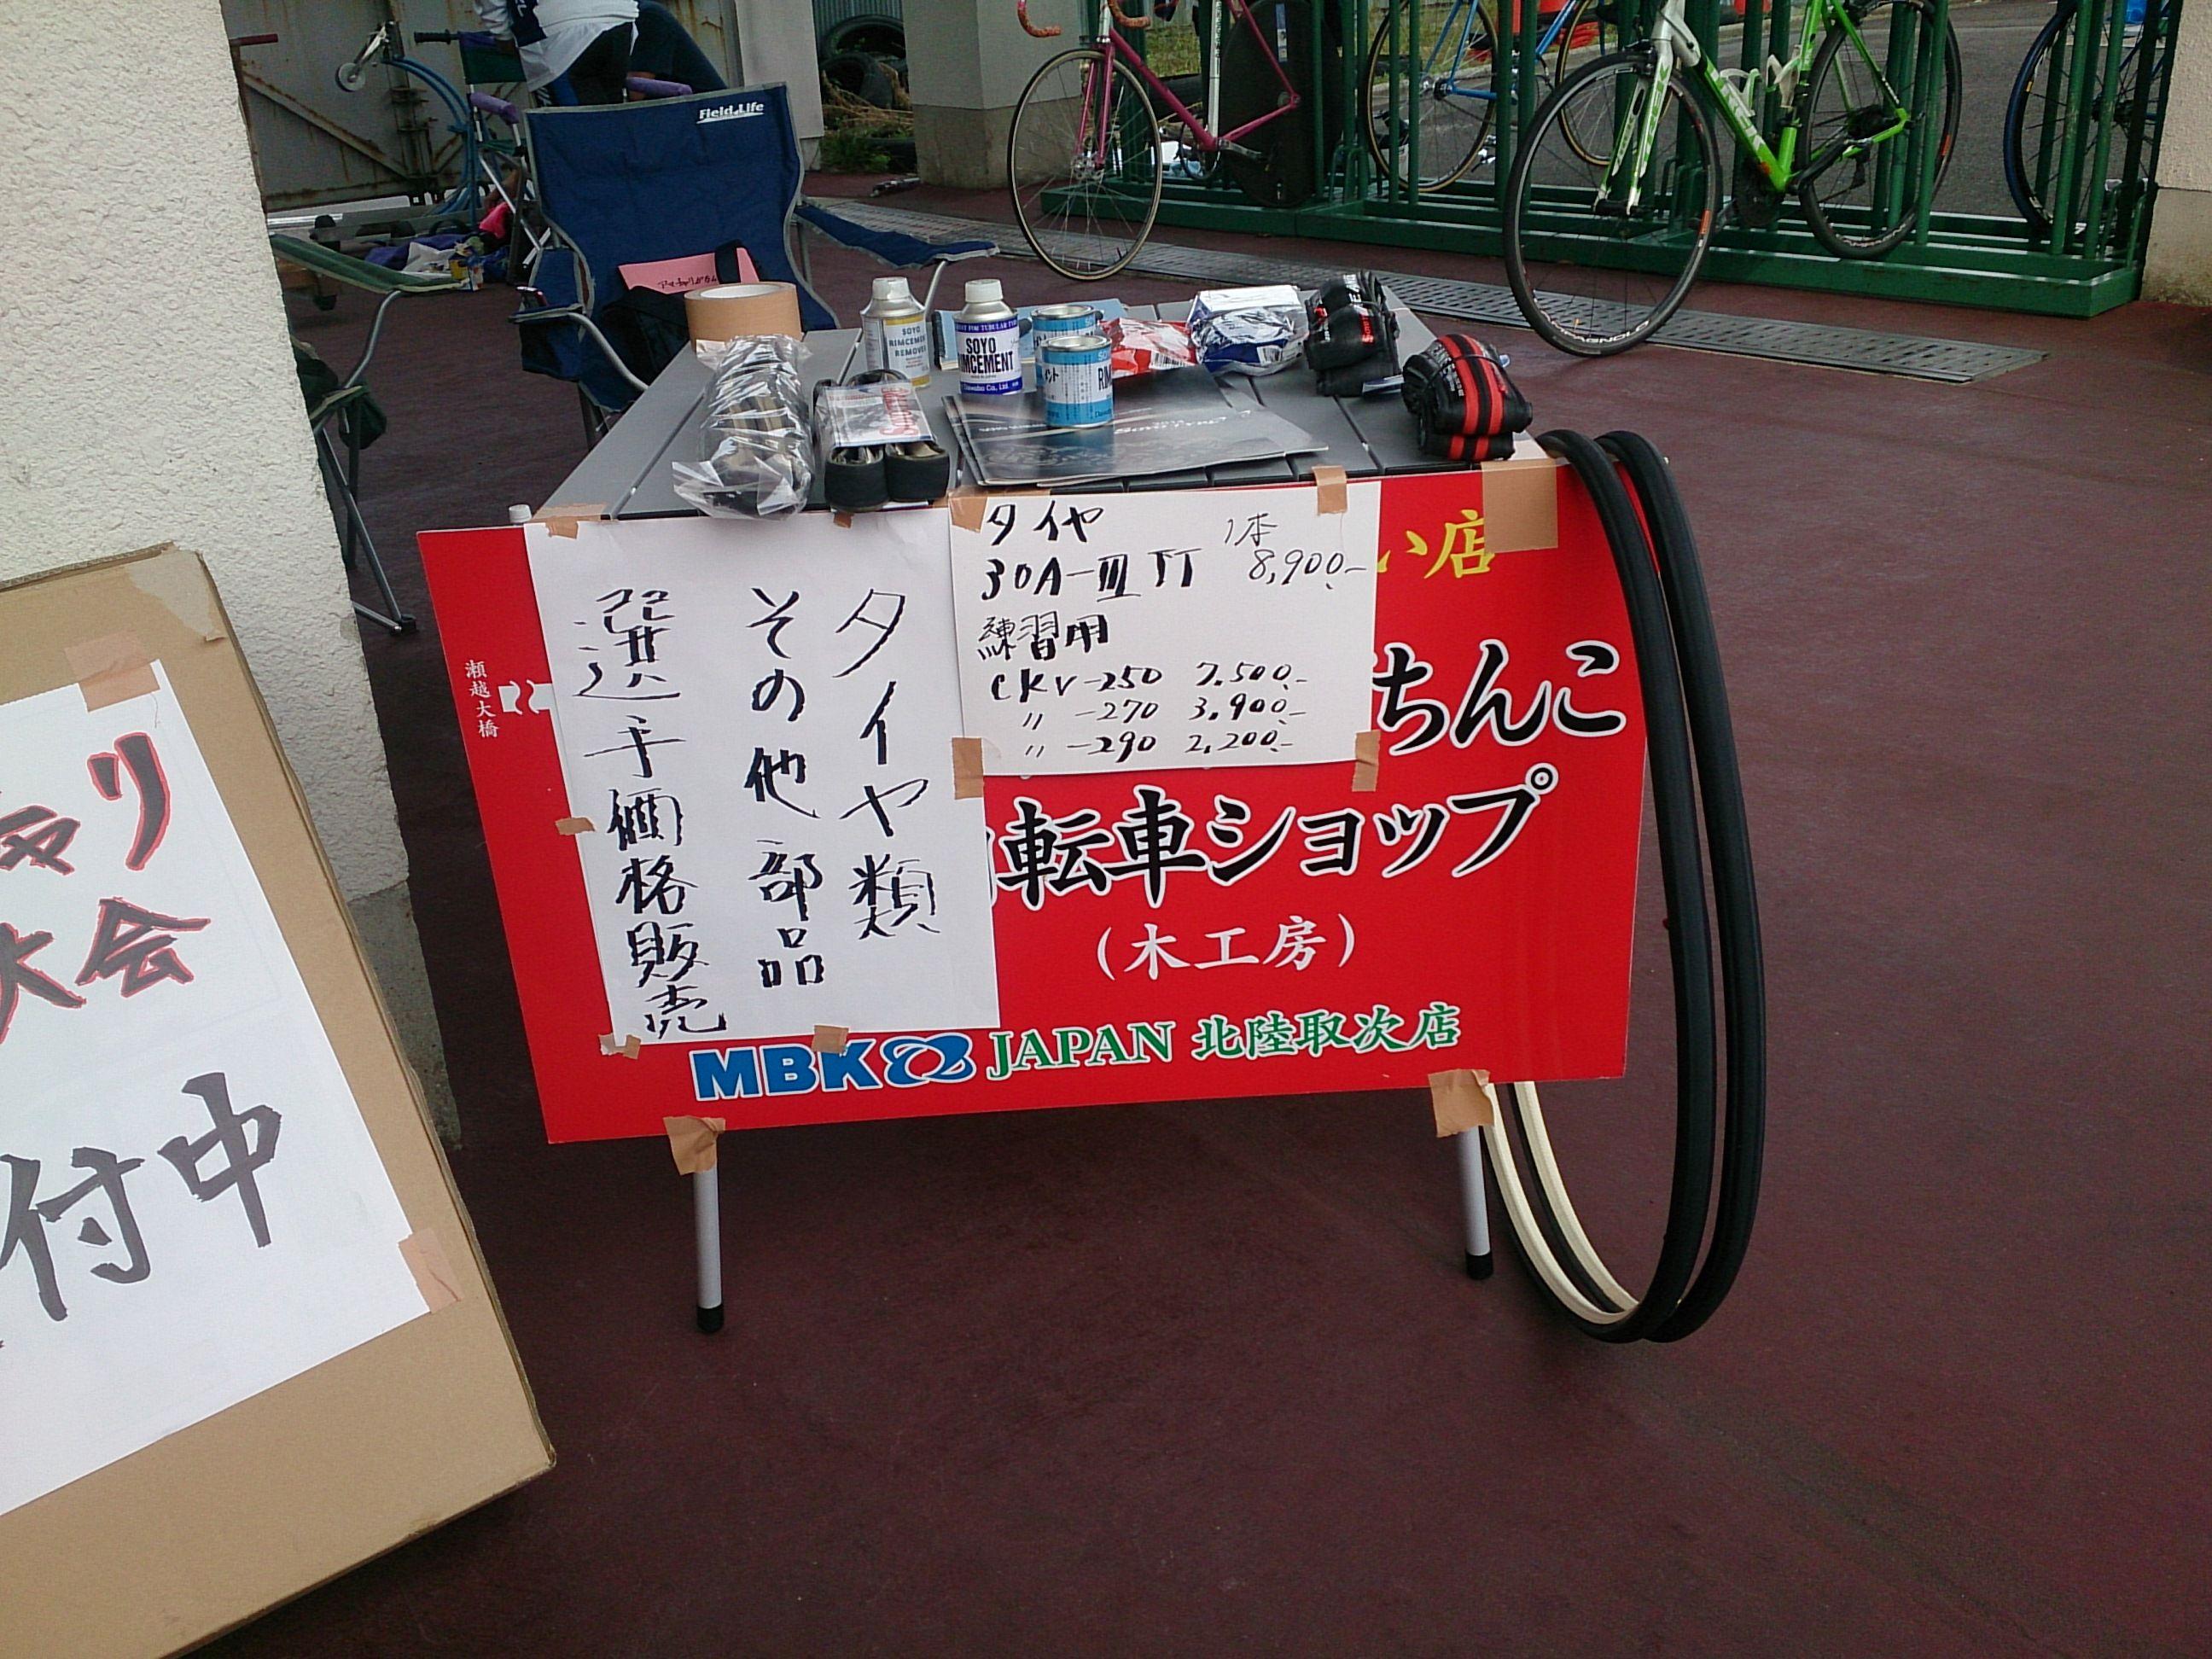 がちんこ自転車店。この紙の貼り方はわざと?